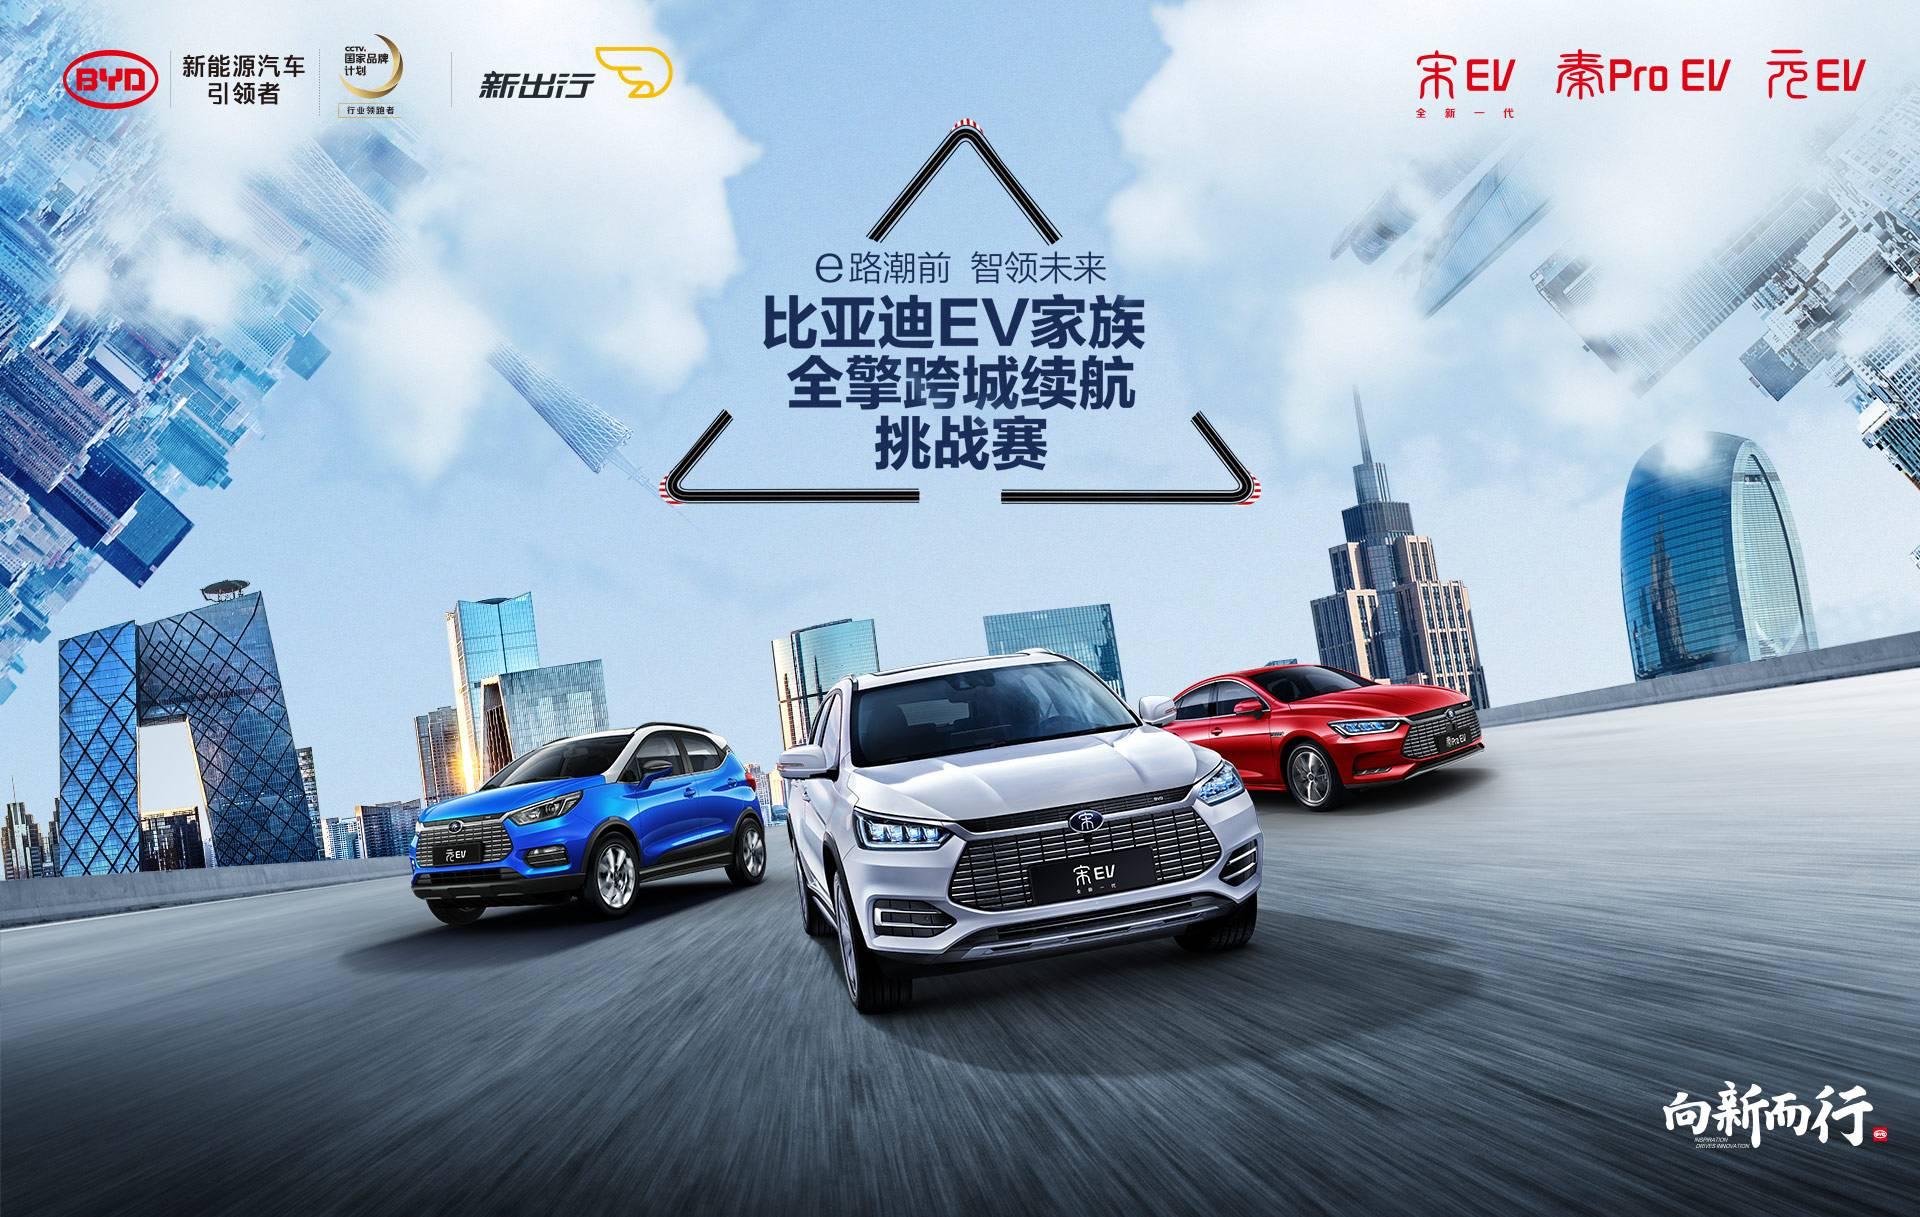 招募丨比亚迪EV家族全擎跨城续航挑战赛深圳站